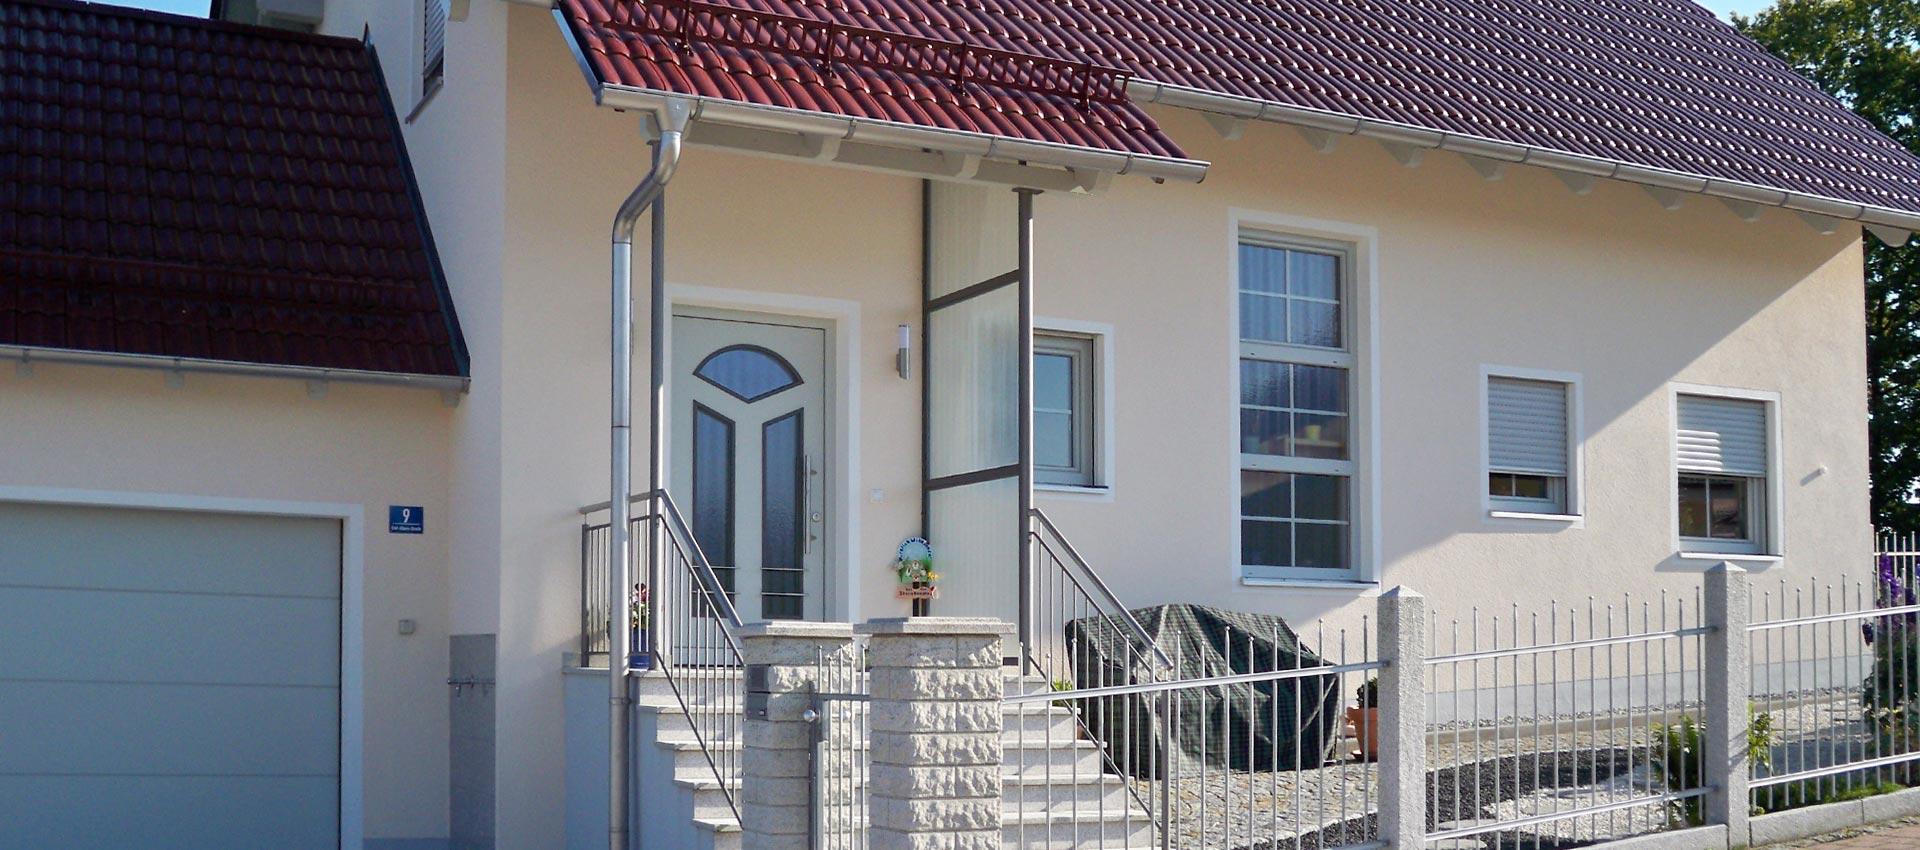 Fertiges Einfamilienhaus der Brandl GmbH bei Landshut